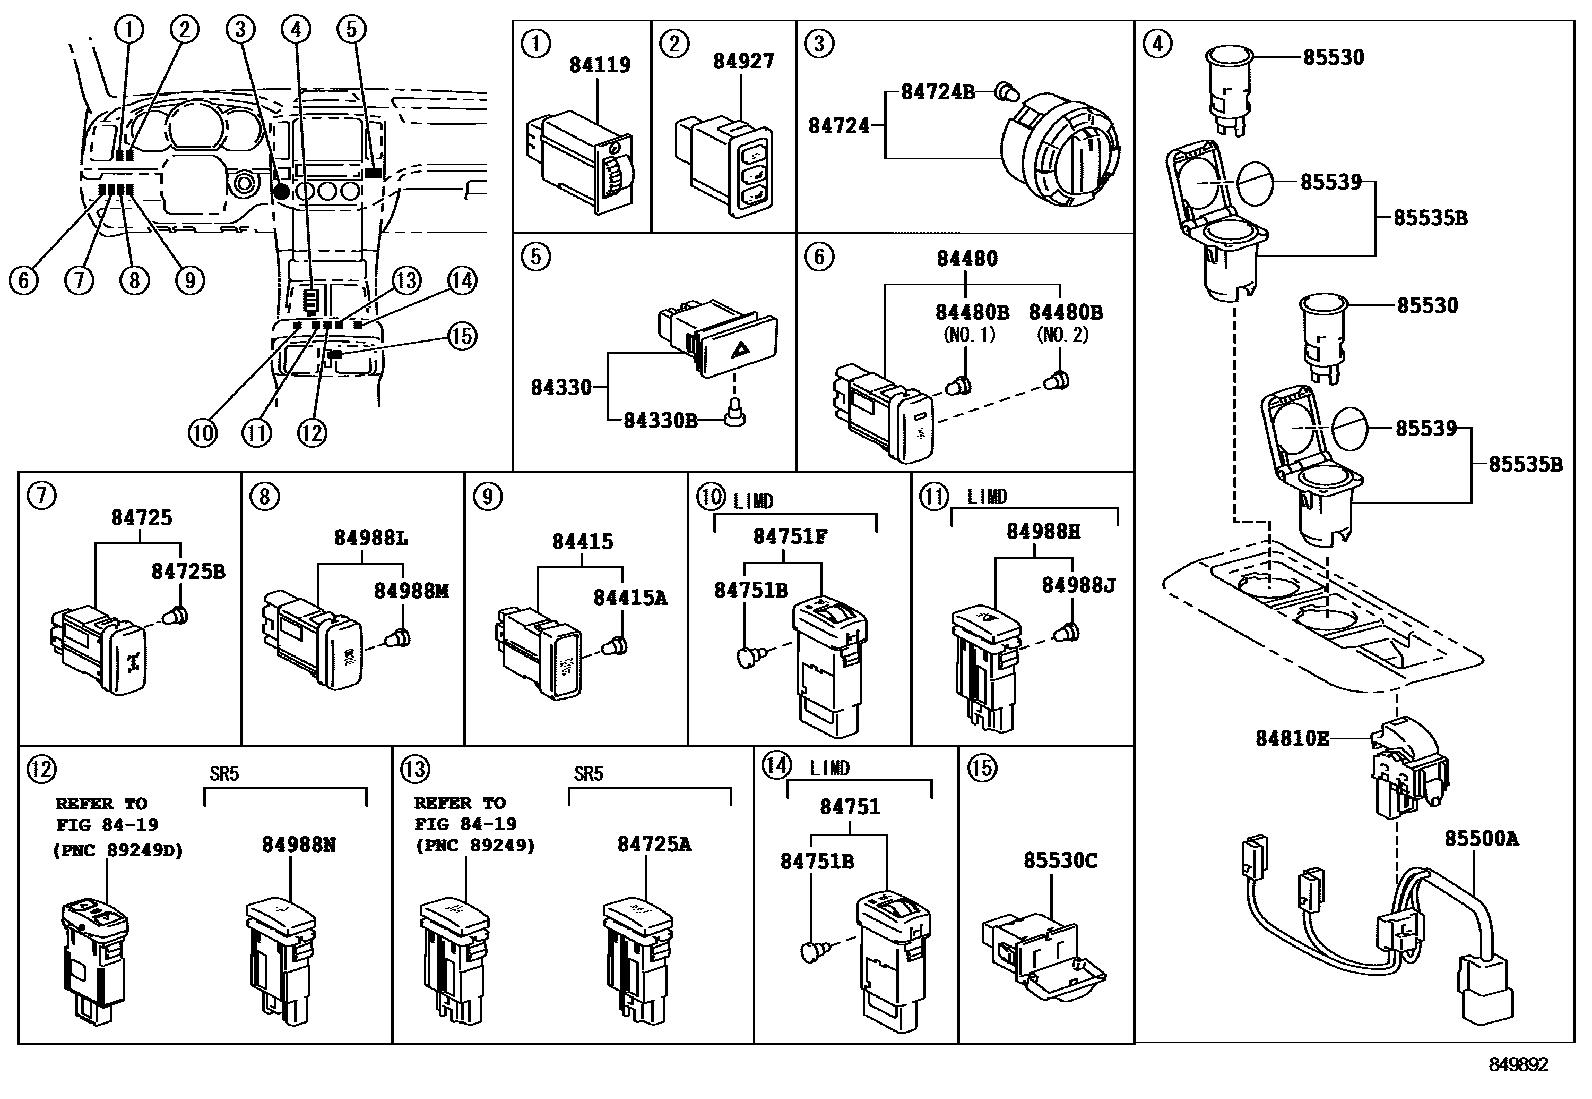 Haynes Repair Manual 2001 Kia Sportage Pdf Download